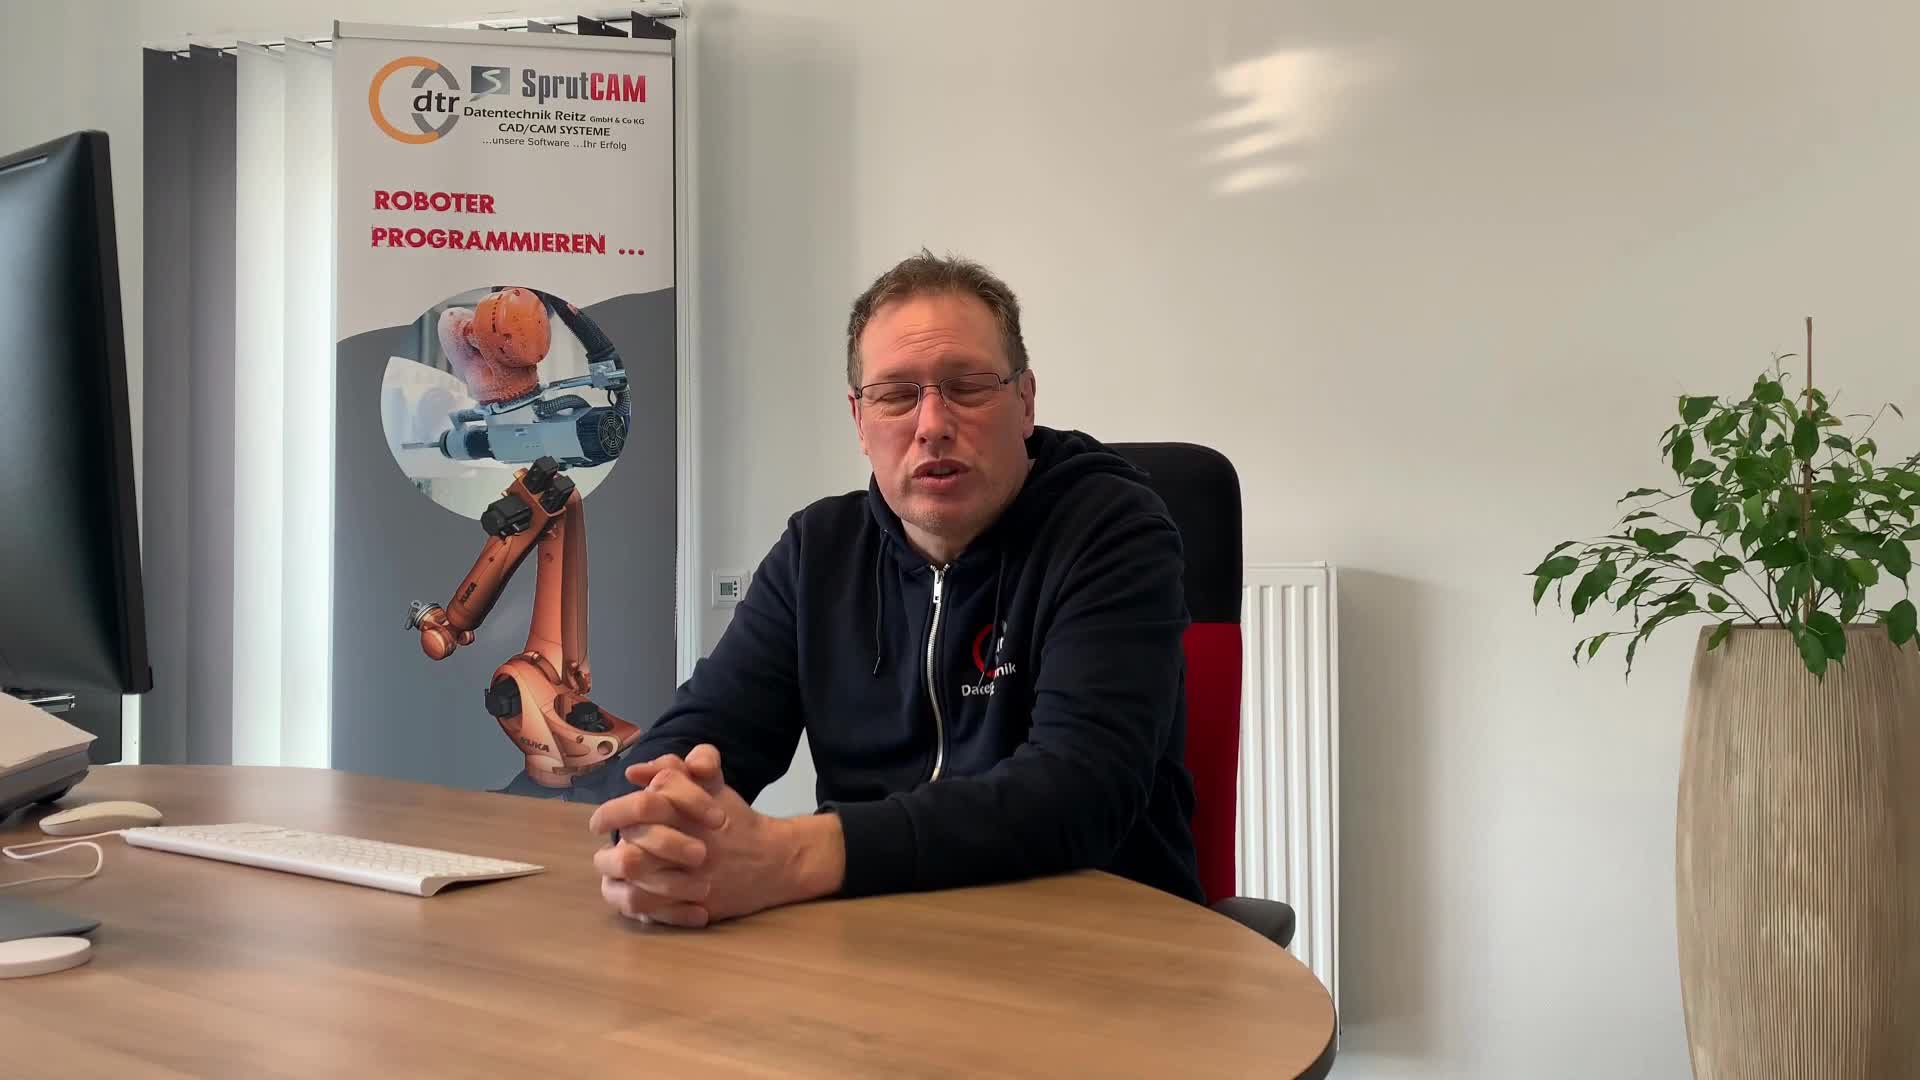 25 Jahre Datentechnik Reitz - Interview komplett